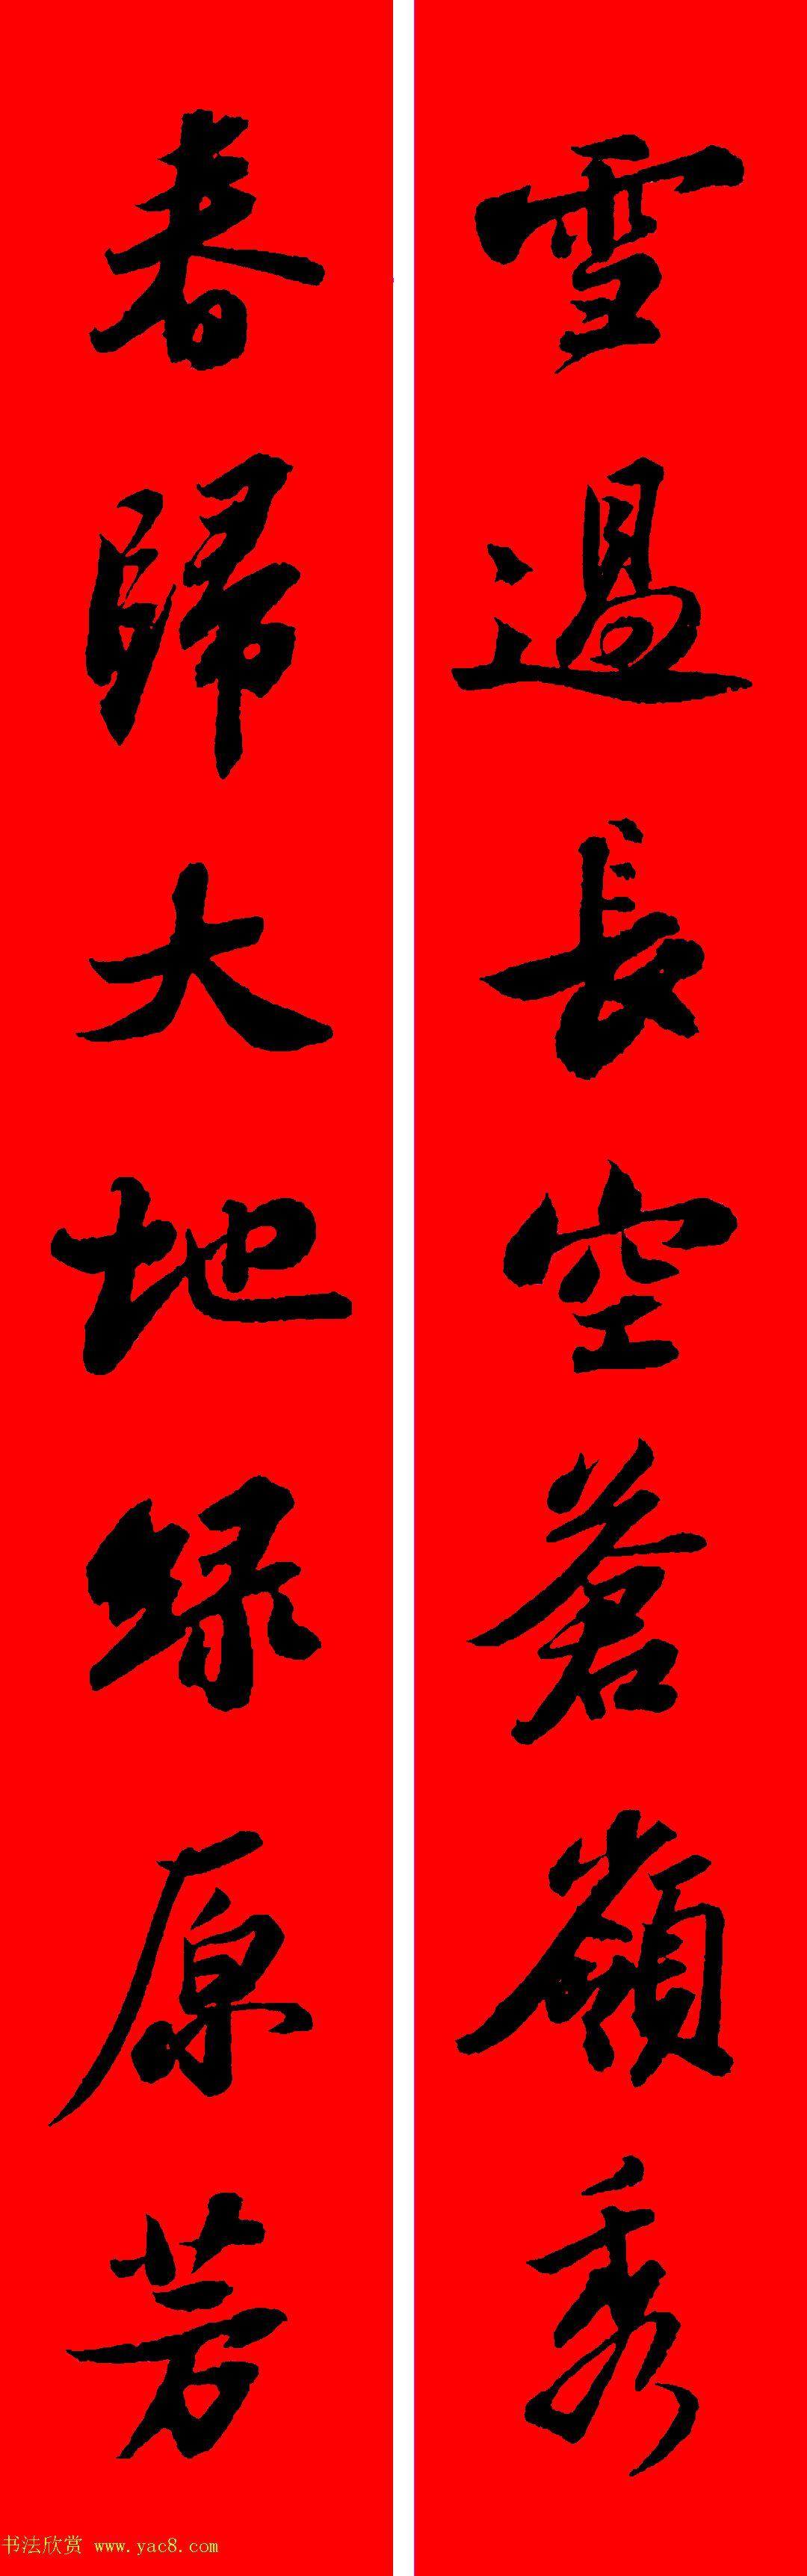 苏轼行书集字春联19副